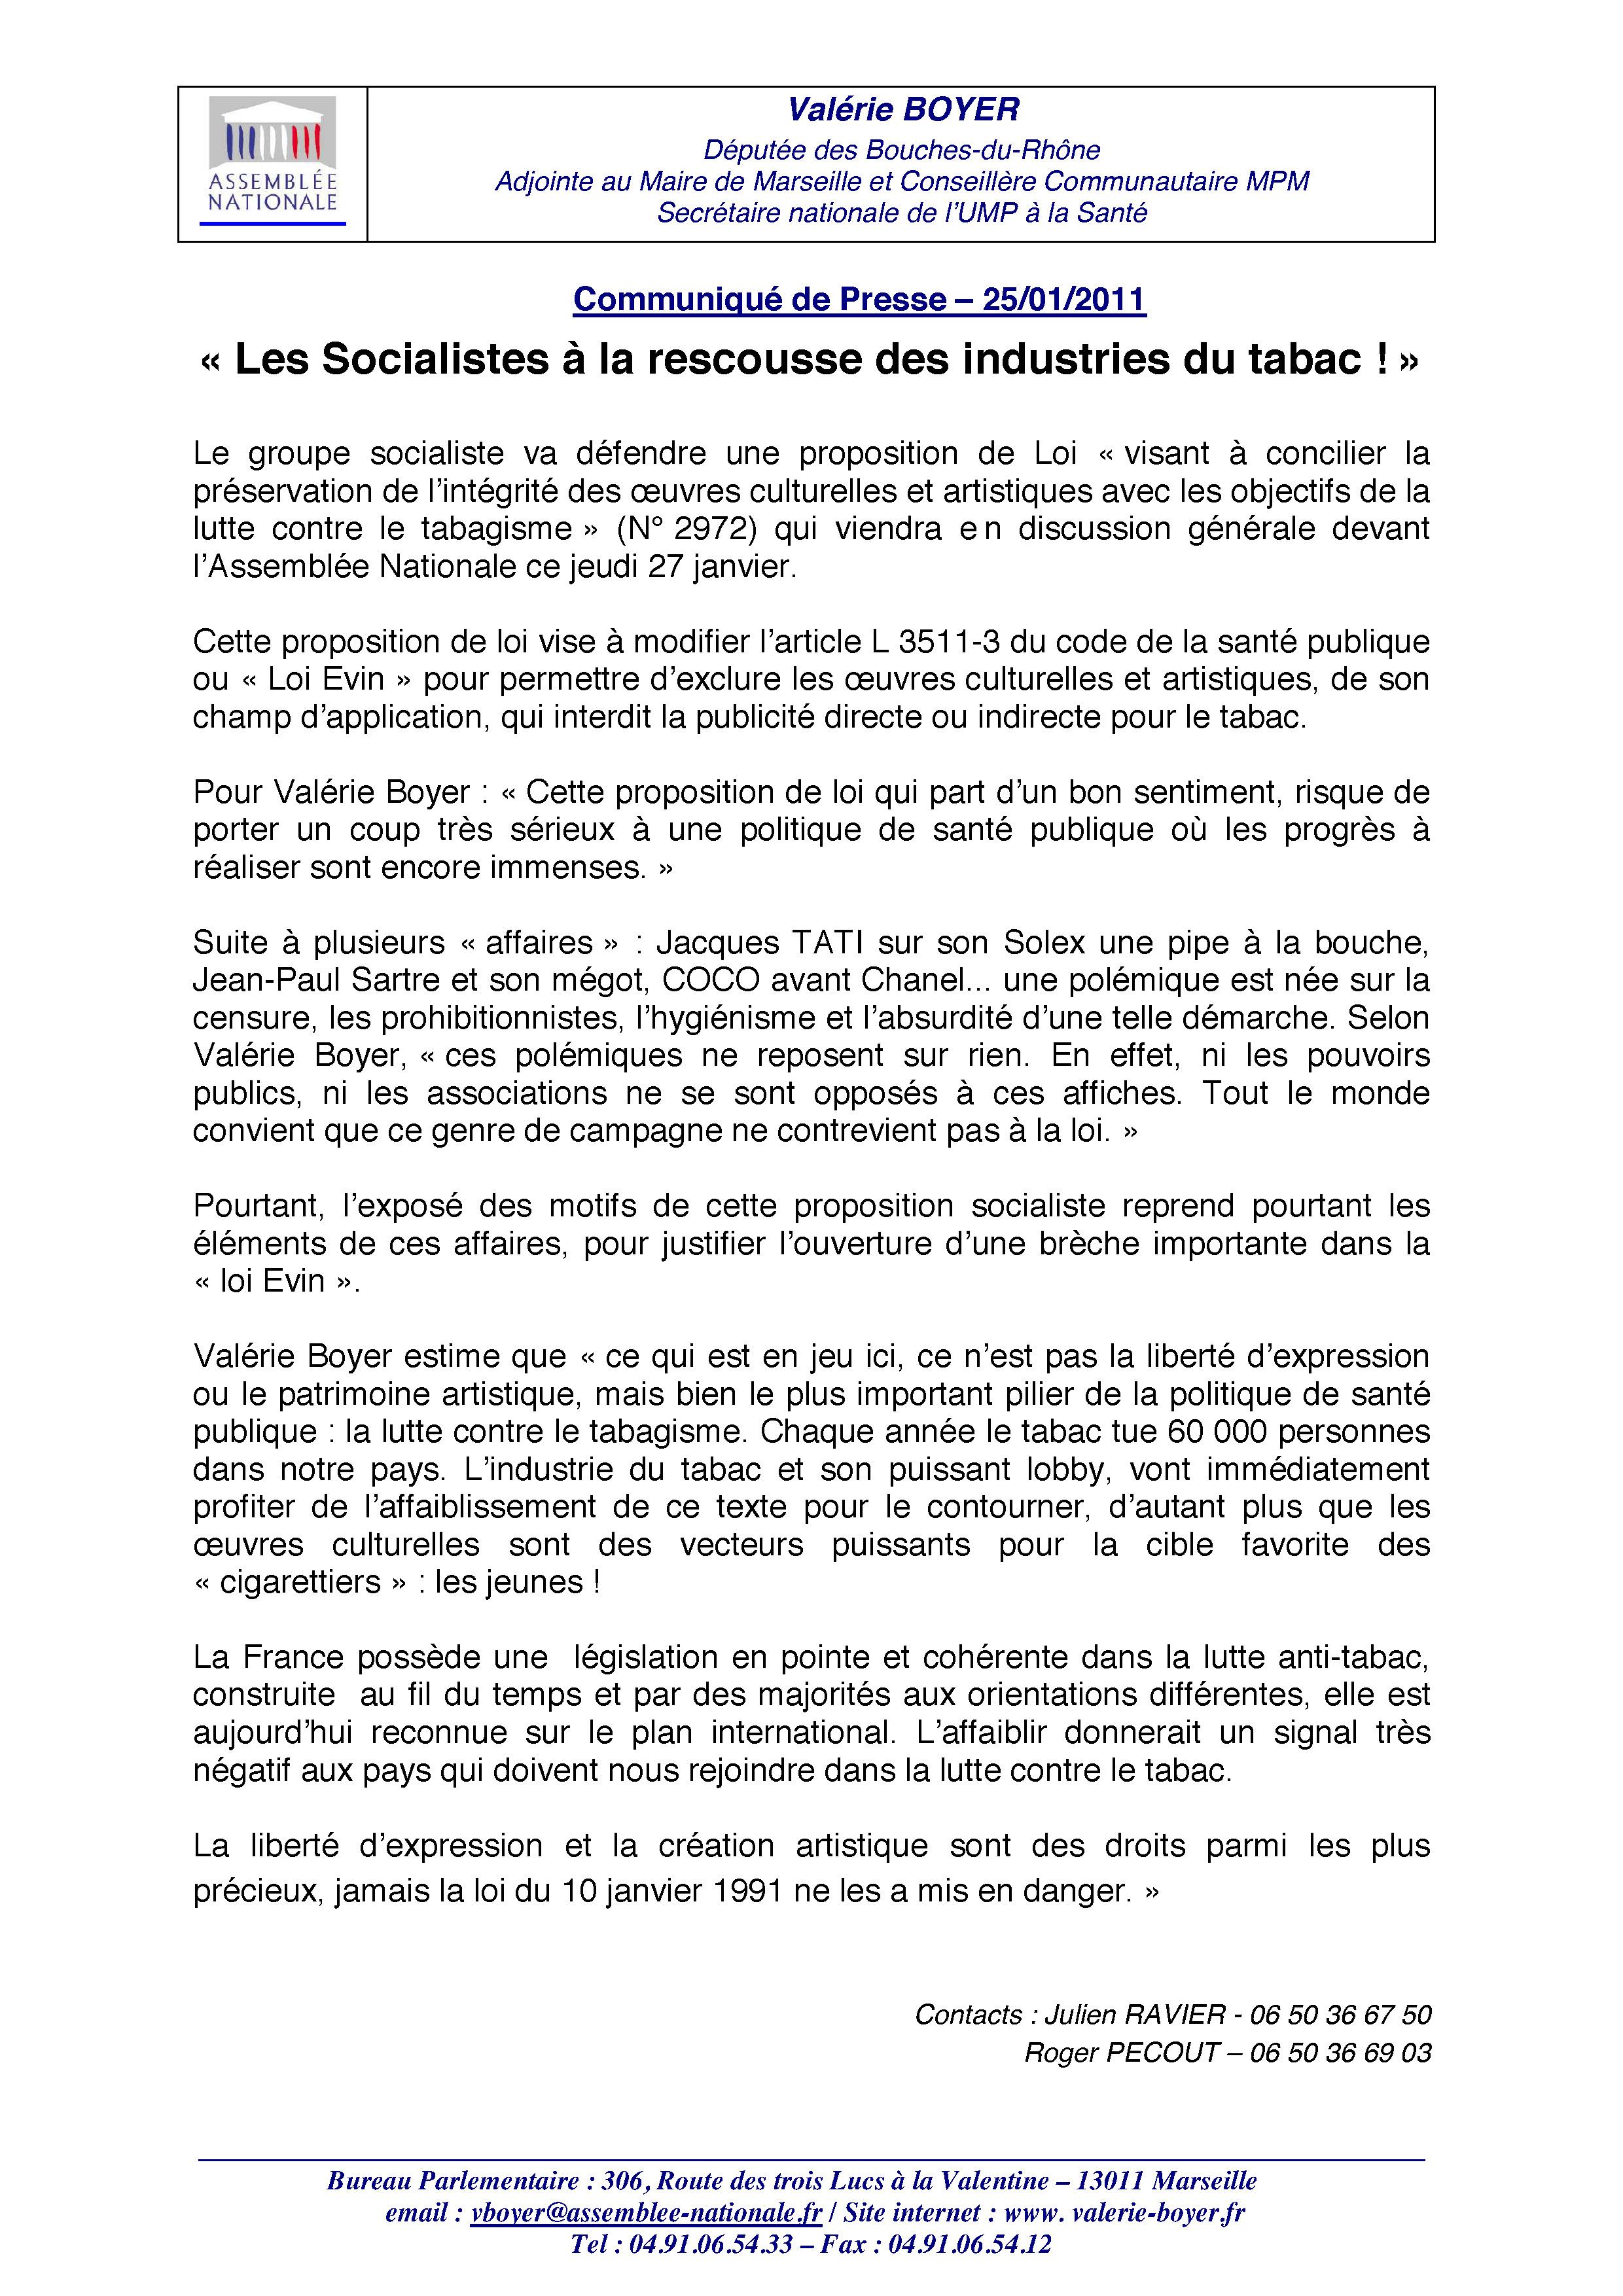 UMP-CP-Valerie-Boyer_industrie-du-tabac-25jan2011.jpg